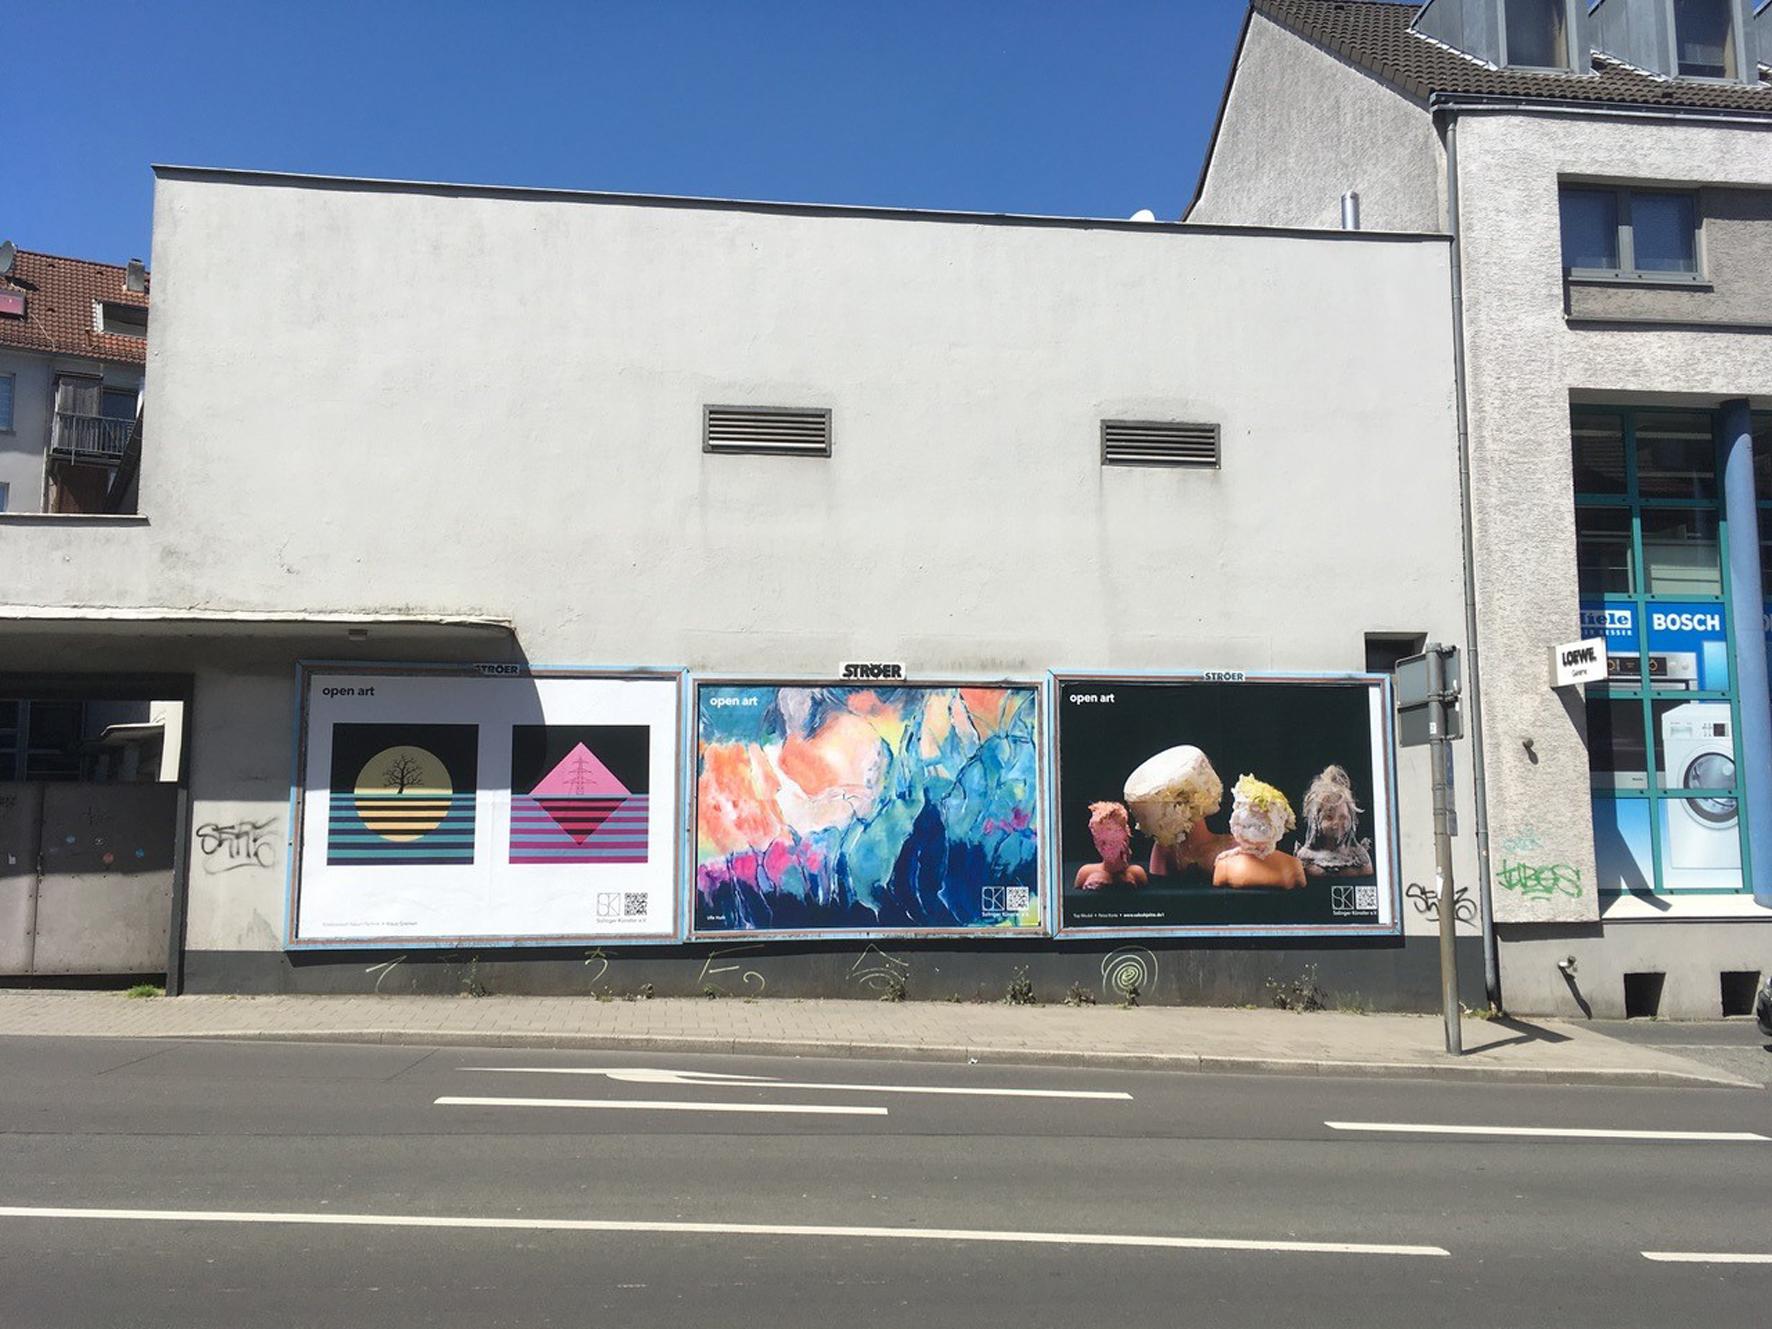 Klaus Greinert, Ulle Huth und Petra Korte, Cronenberger Str., geg. 28, Nähe Clemens Galerien, Innenstadt